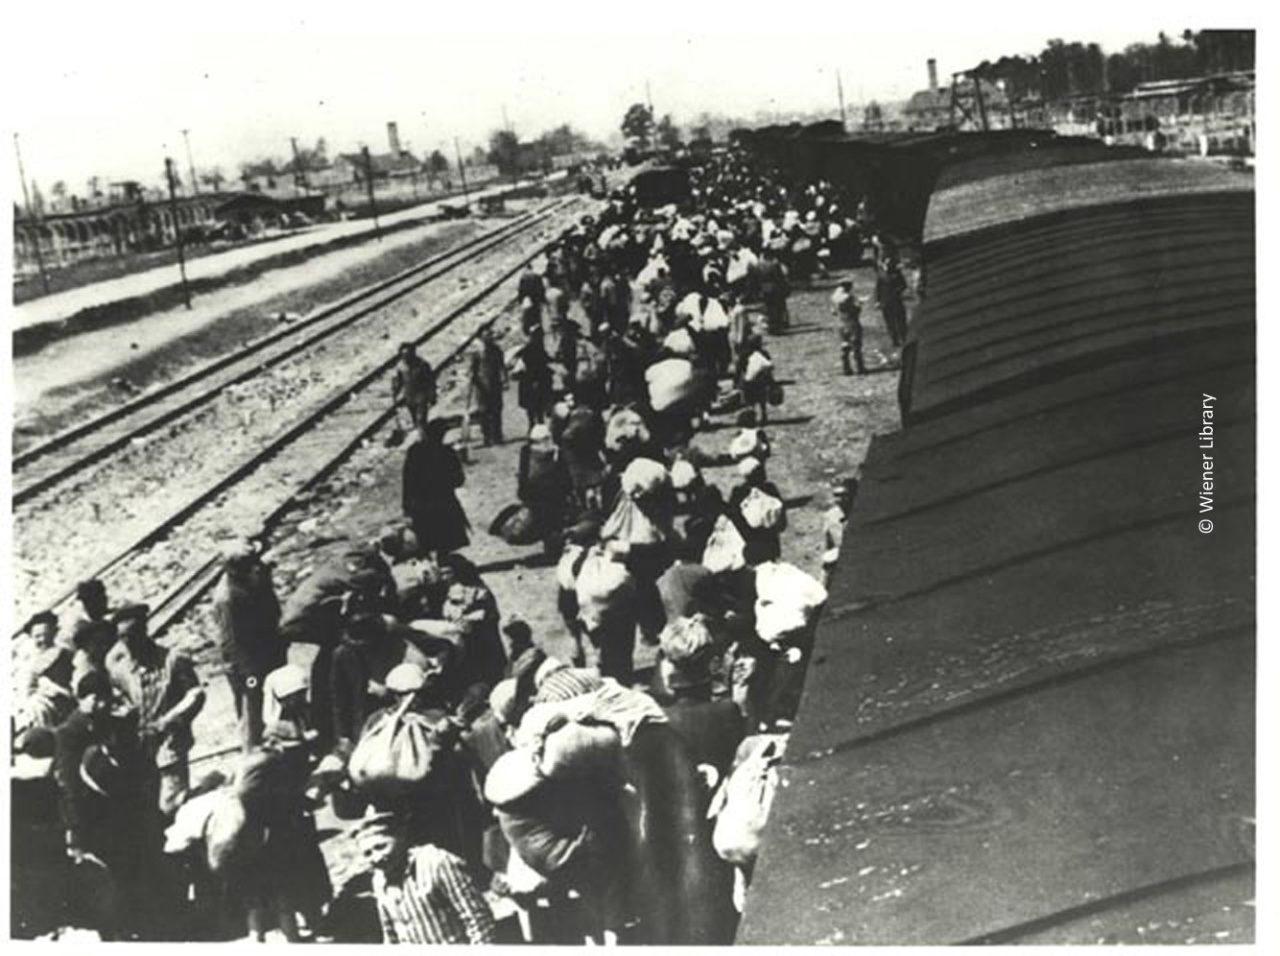 Arrival at Auschwitz-Birkenau